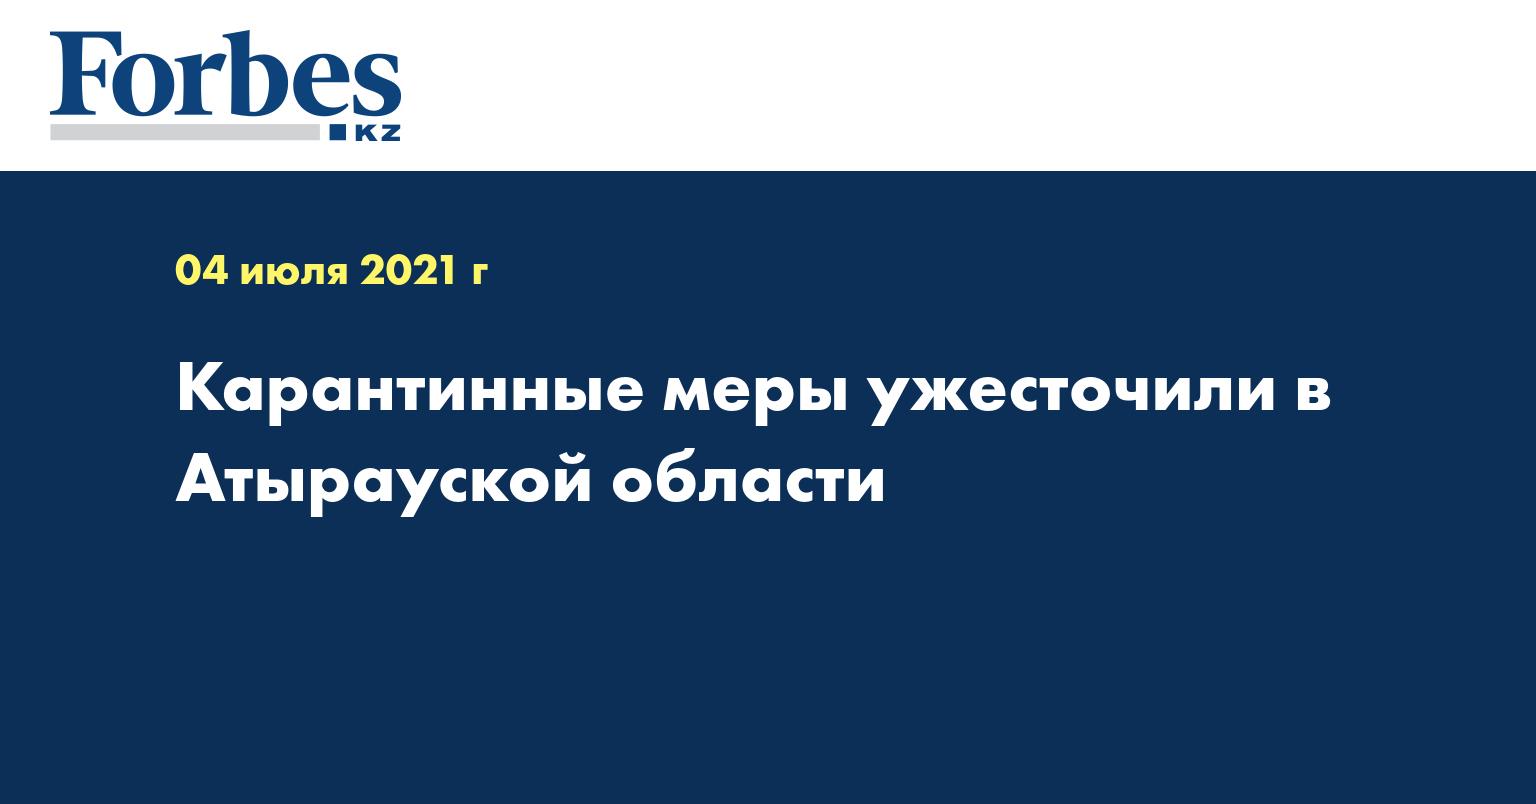 Карантинные меры ужесточили в Атырауской области